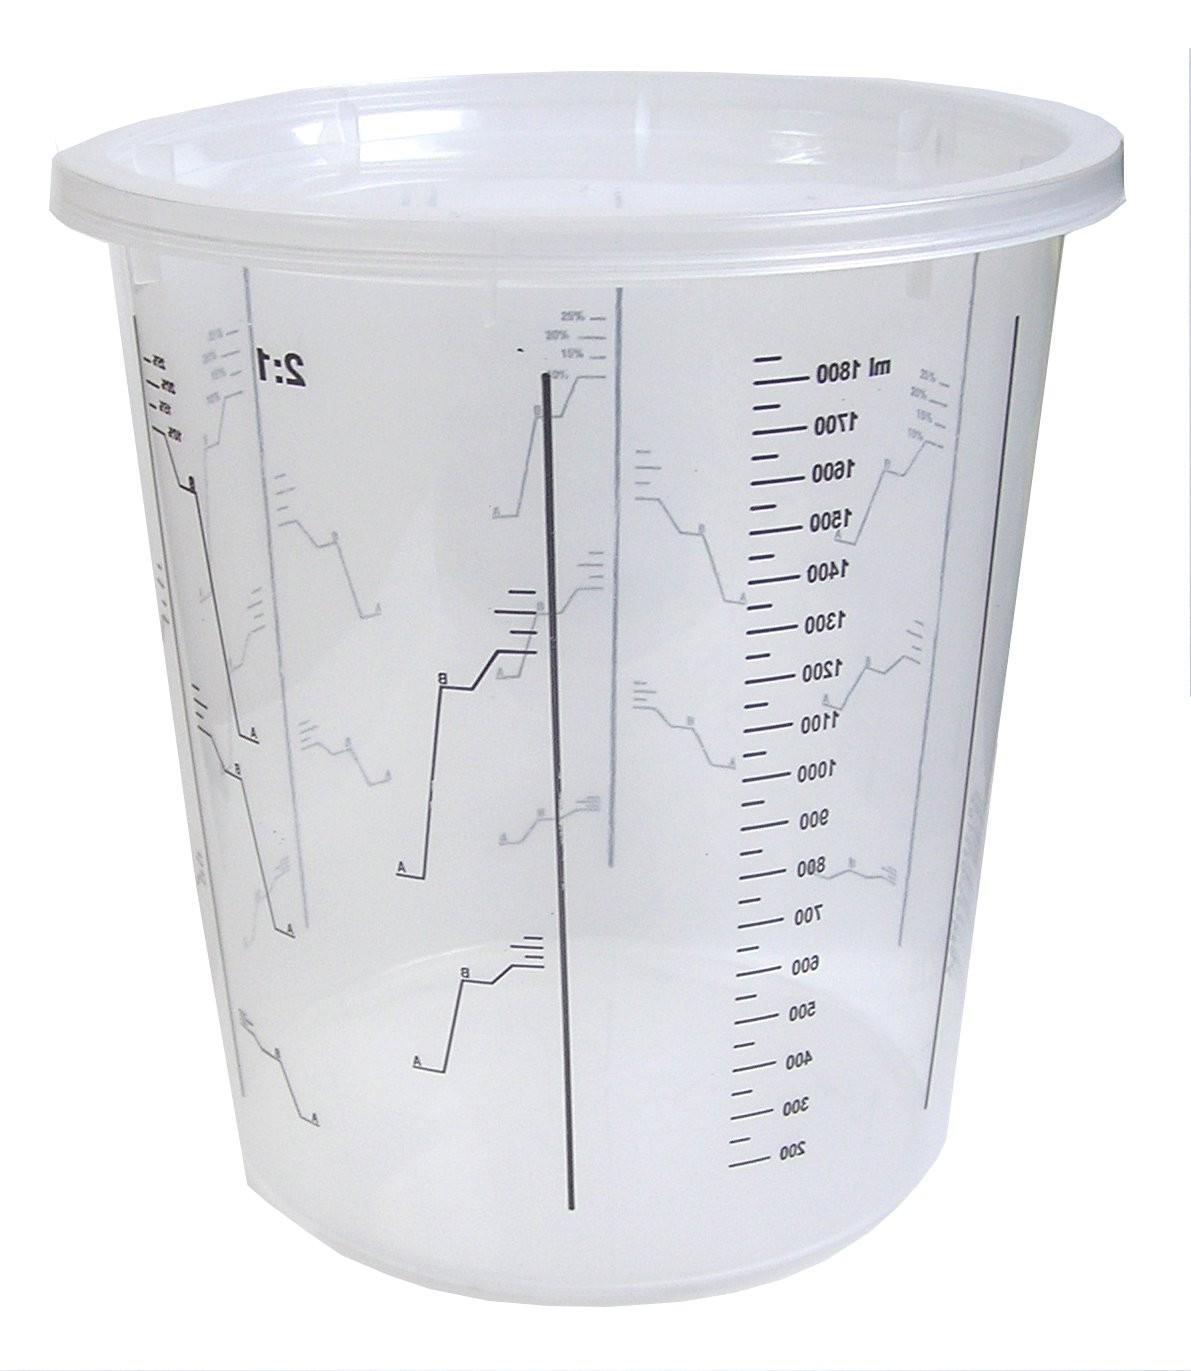 K2 KUBEK LAKIERNICZY 650 ml z podziałką